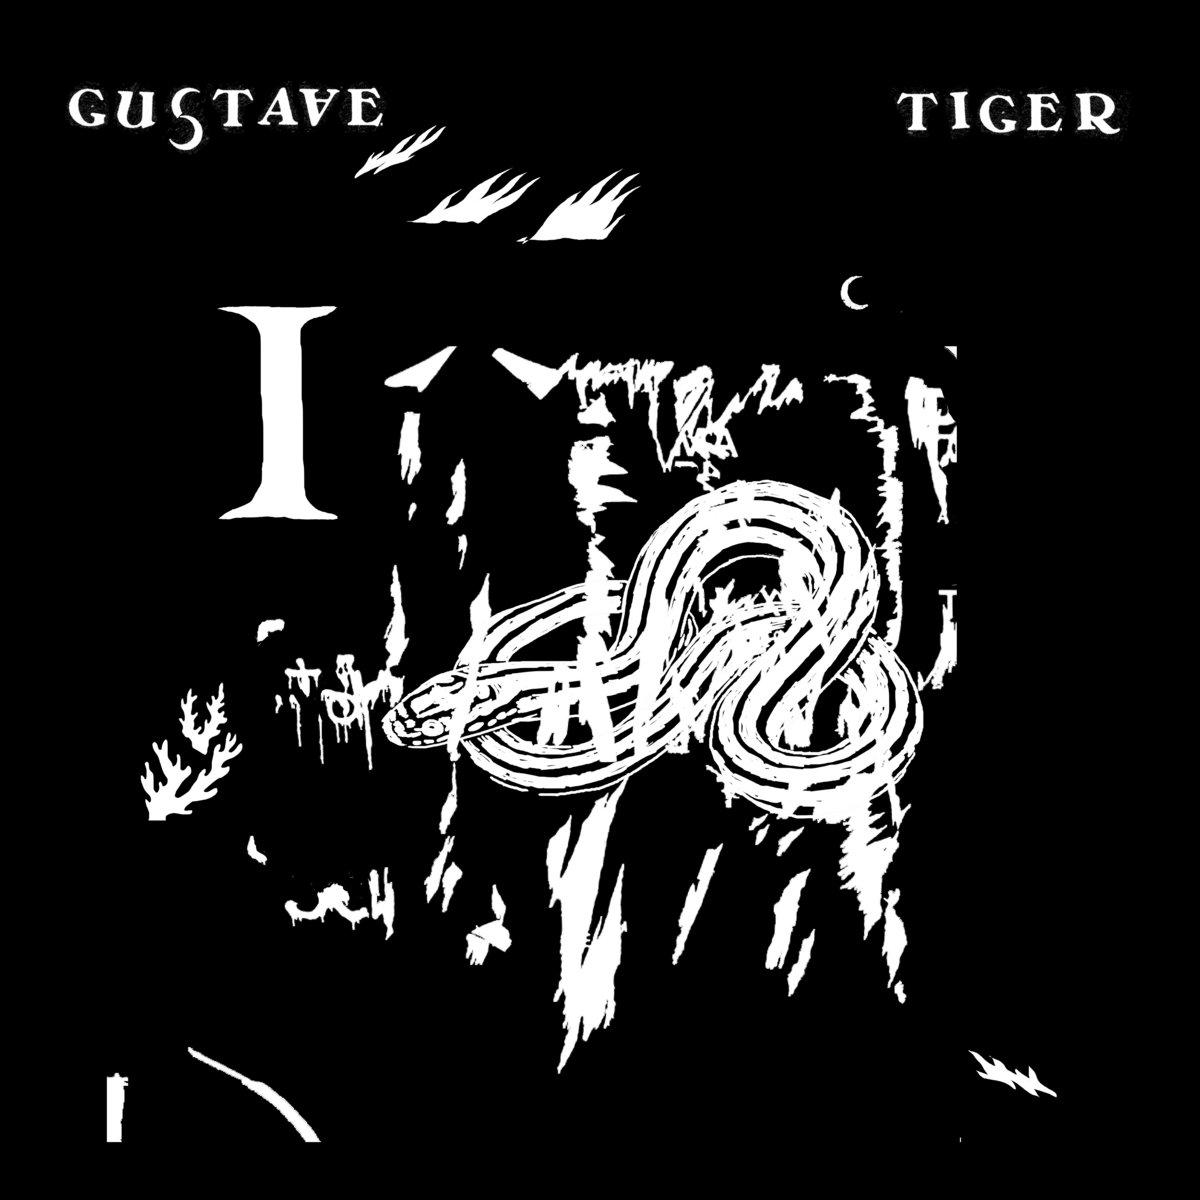 gustave_tiger_1.jpg